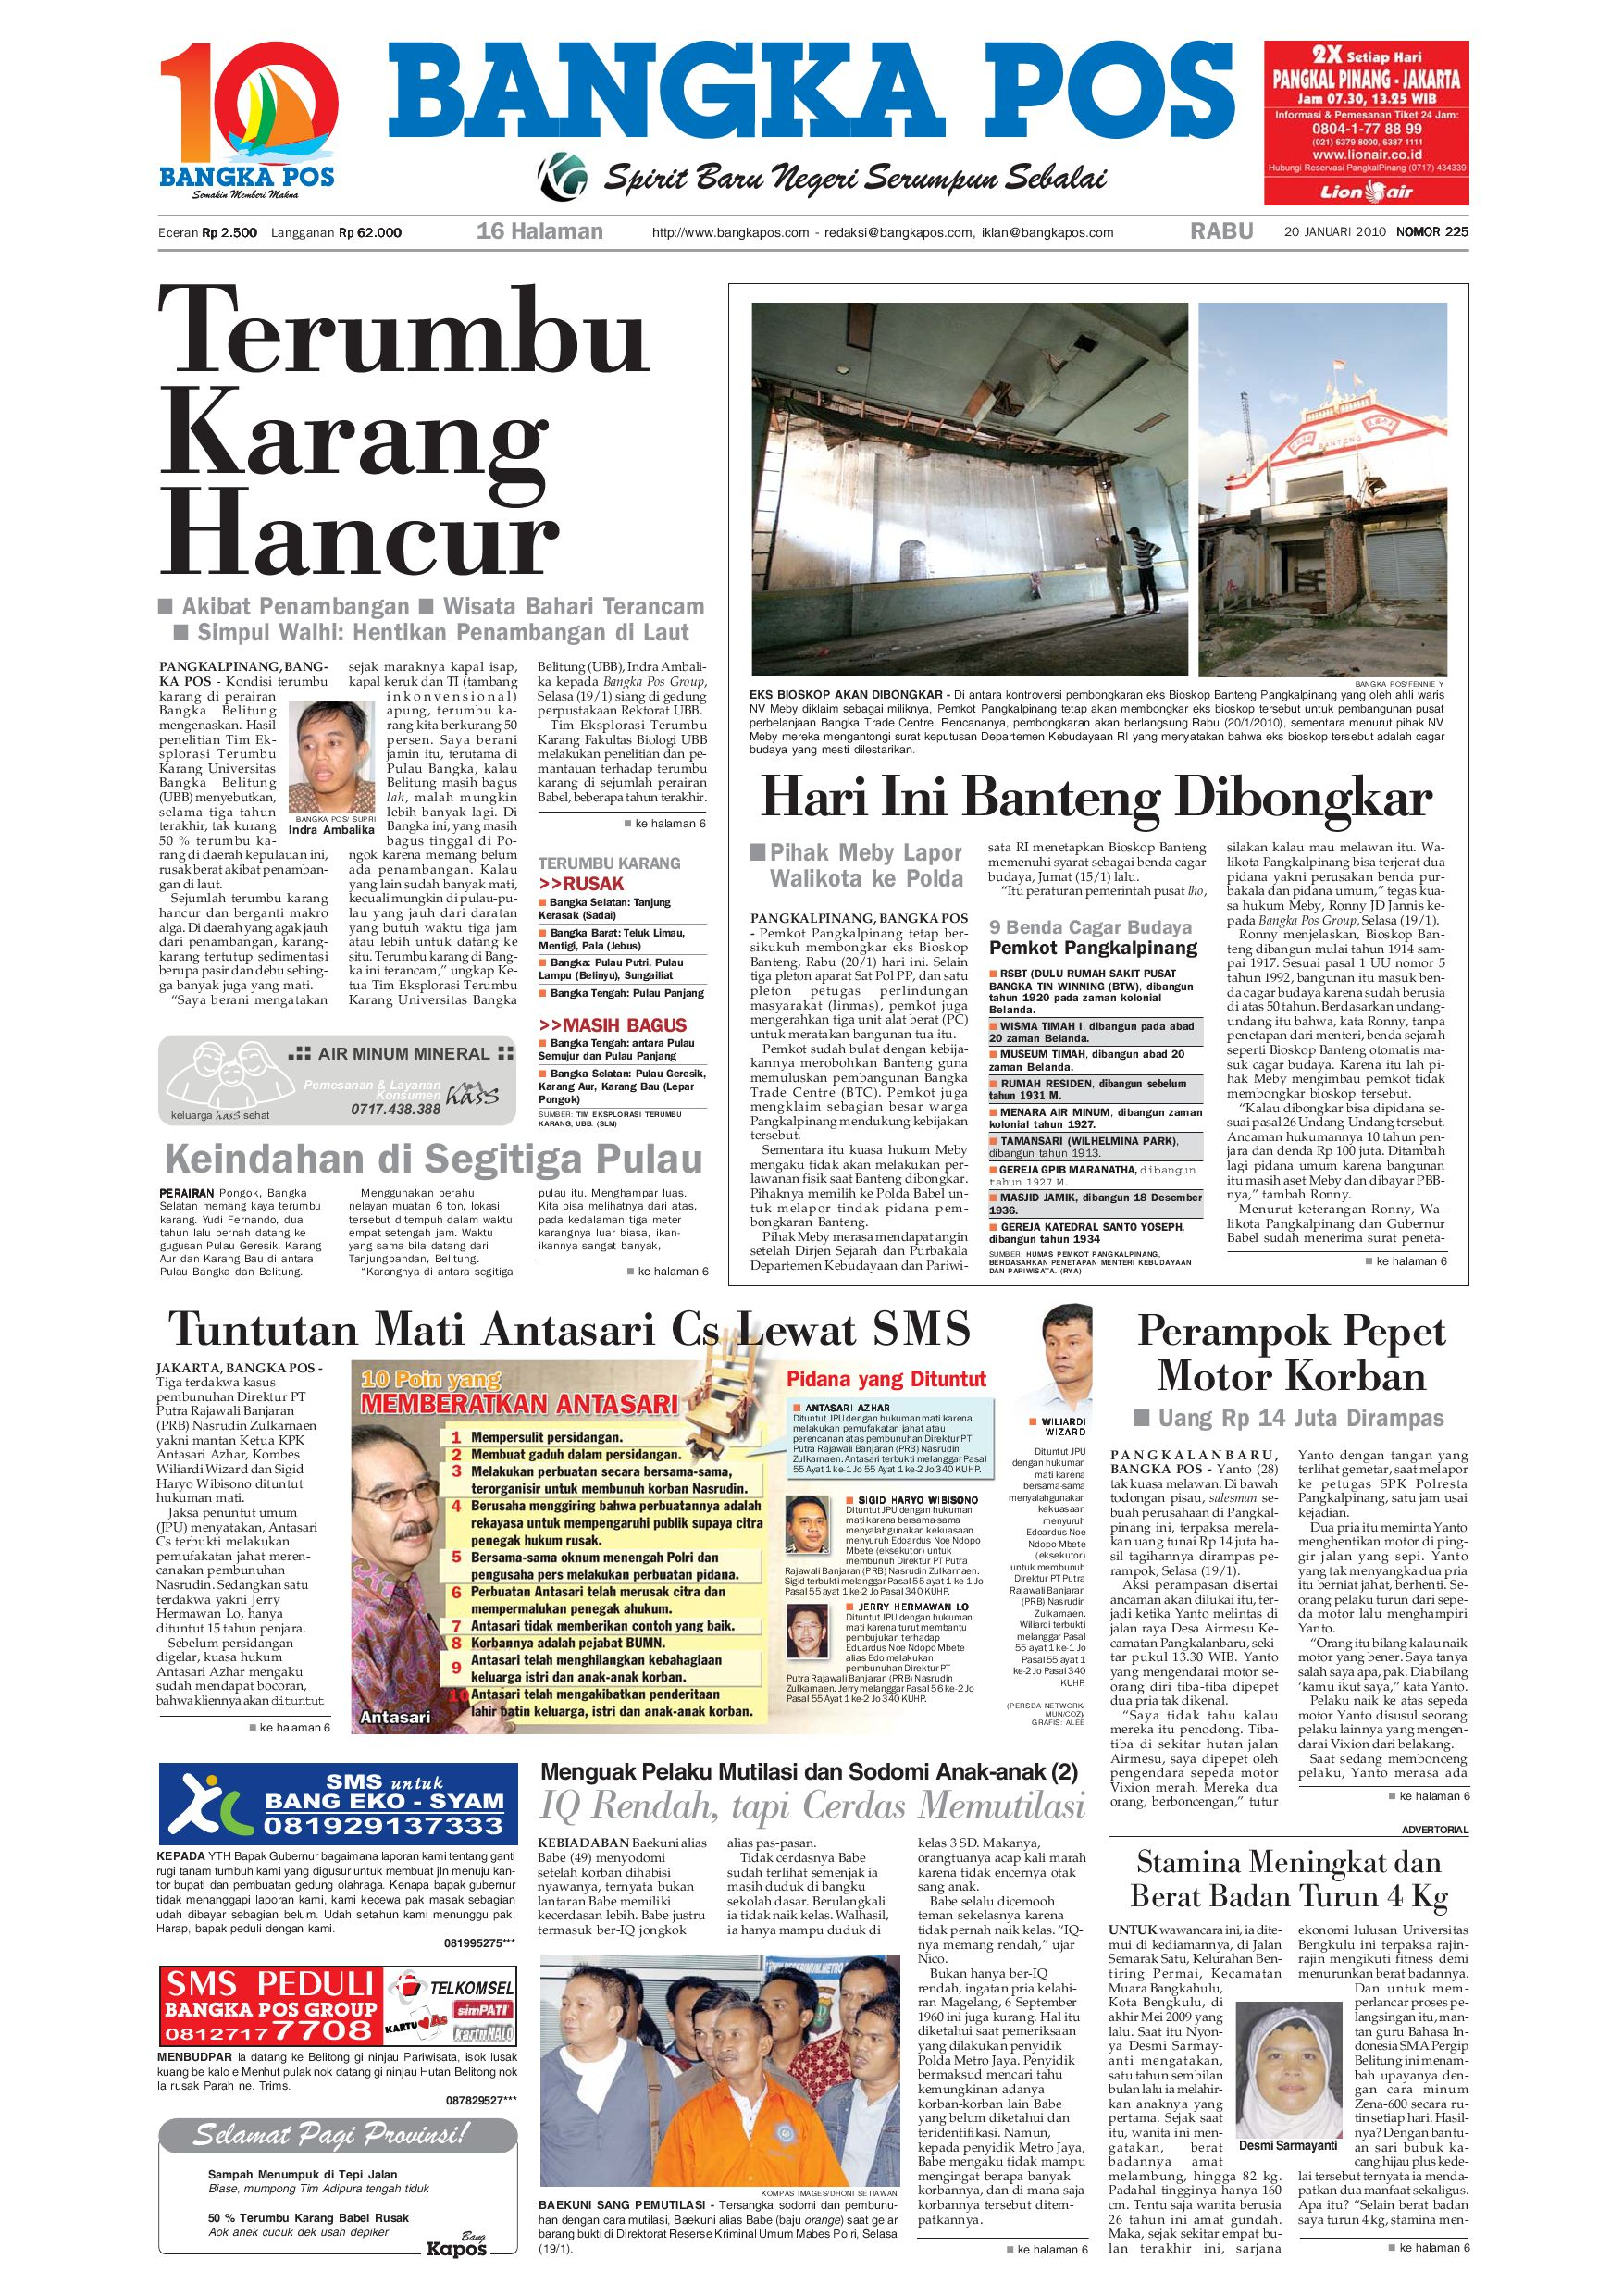 Harian Pagi Bangka Pos Edisi 20 Januari 2010 By Bangka Pos Issuu